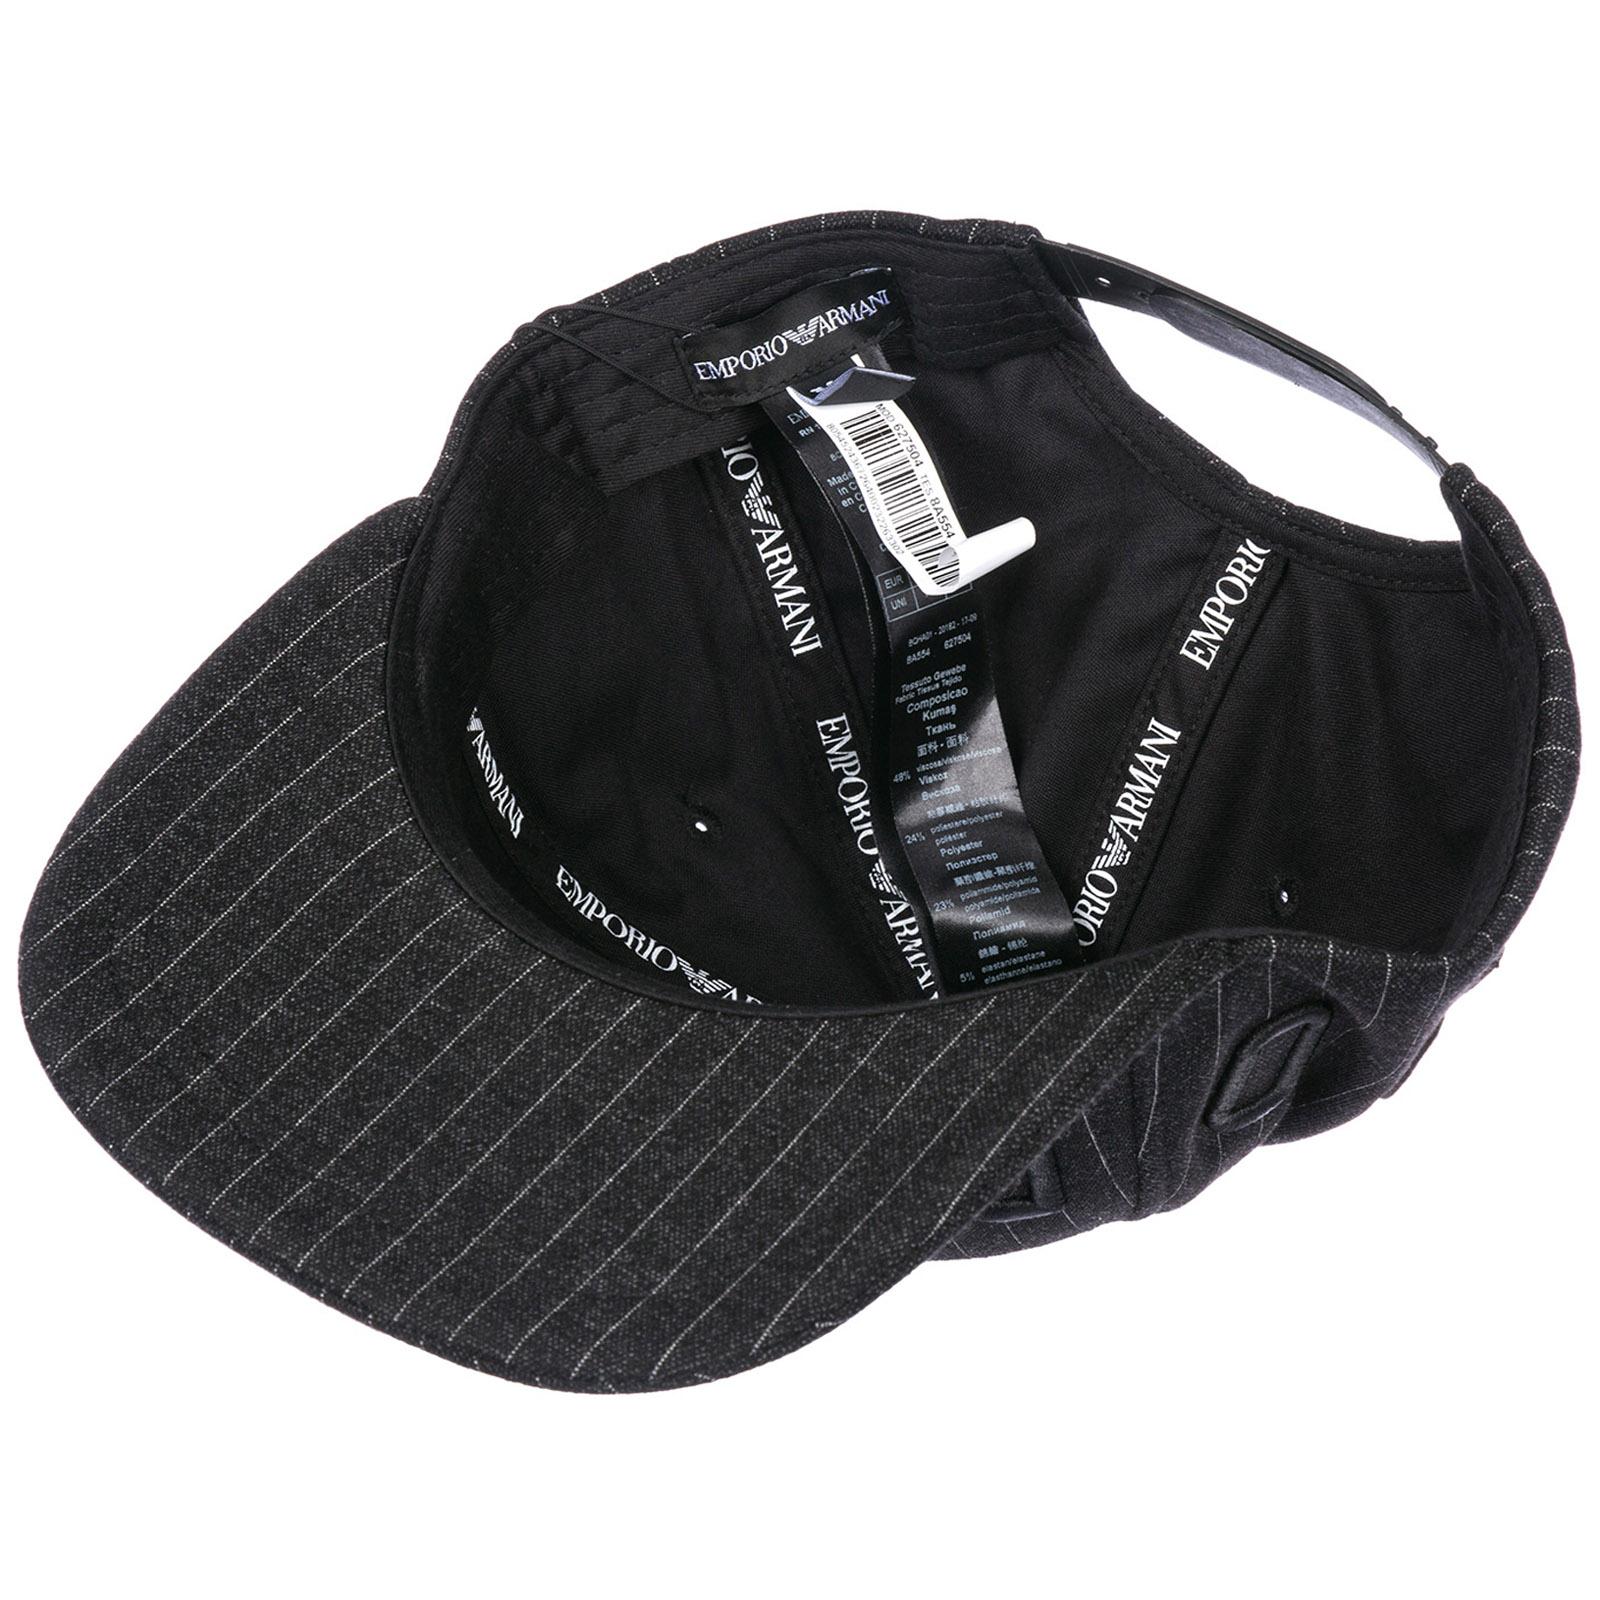 fb9eedce29aae Baseball cap Emporio Armani 6275048A55400020 black